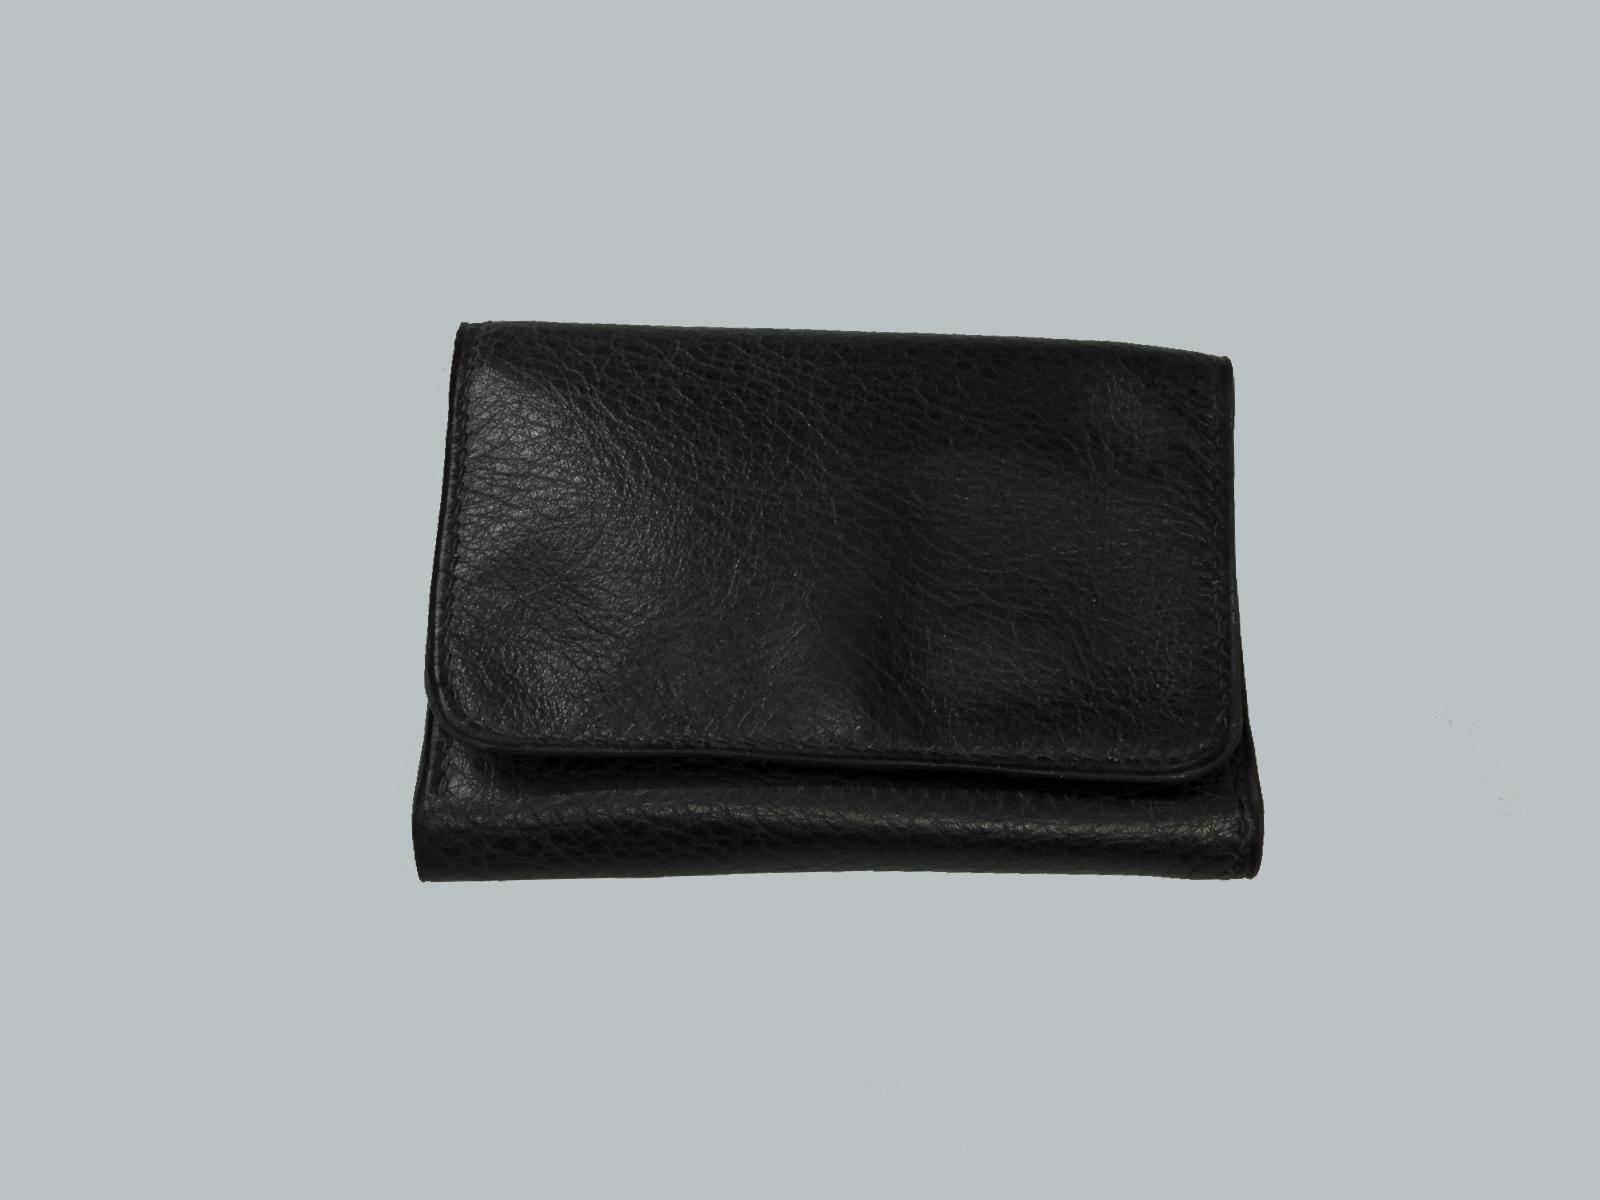 BRISTOL porte monnaie en cuir de veau noir